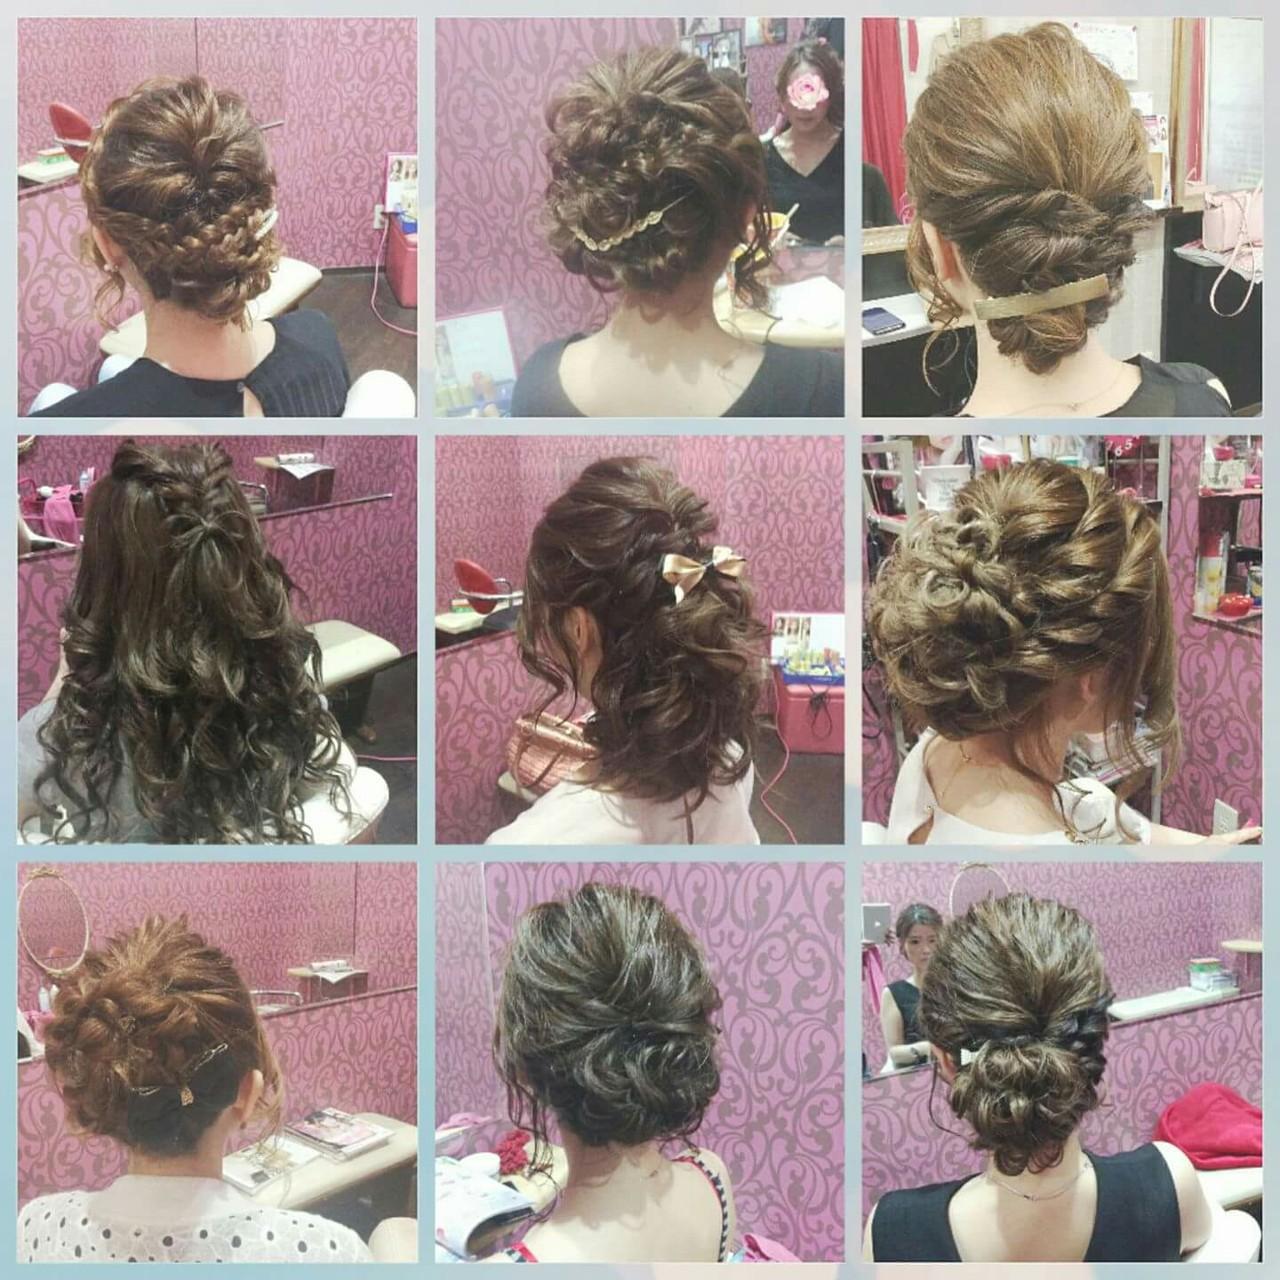 ナチュラル 結婚式 編み込み ヘアアレンジ ヘアスタイルや髪型の写真・画像 | rumiLINKS美容室 / リンクス美容室